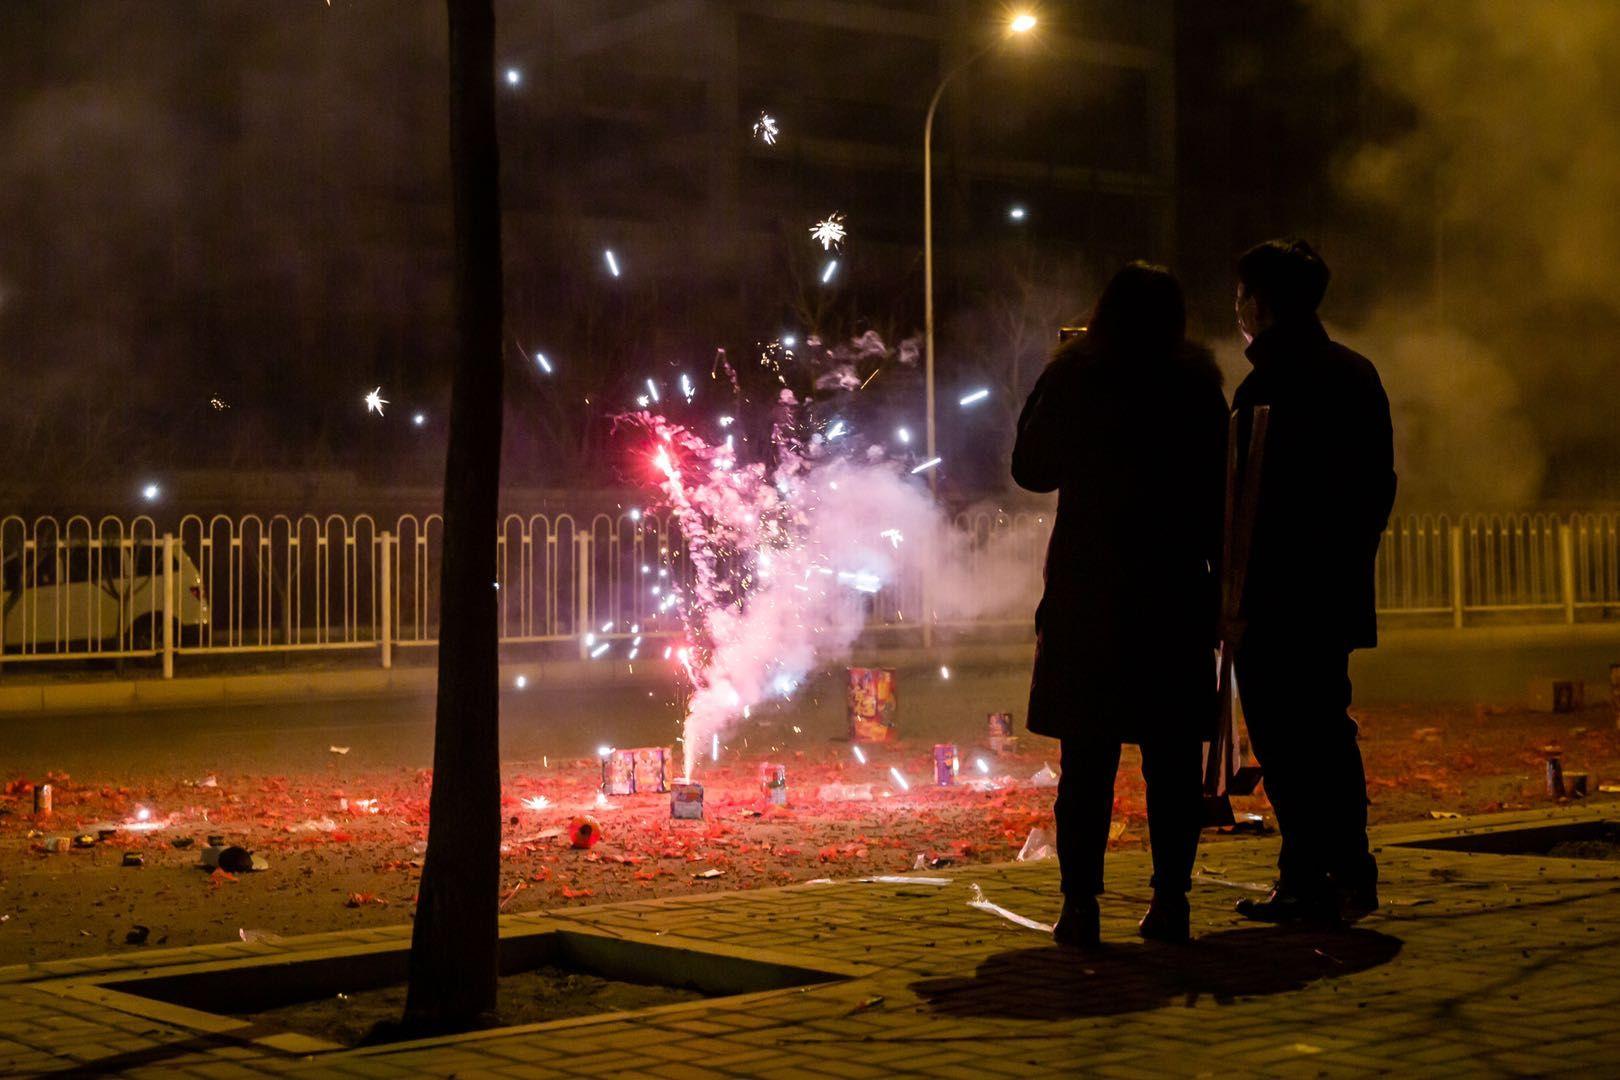 10月1日起山西全省禁止生产、经营、运输和燃放烟花爆竹